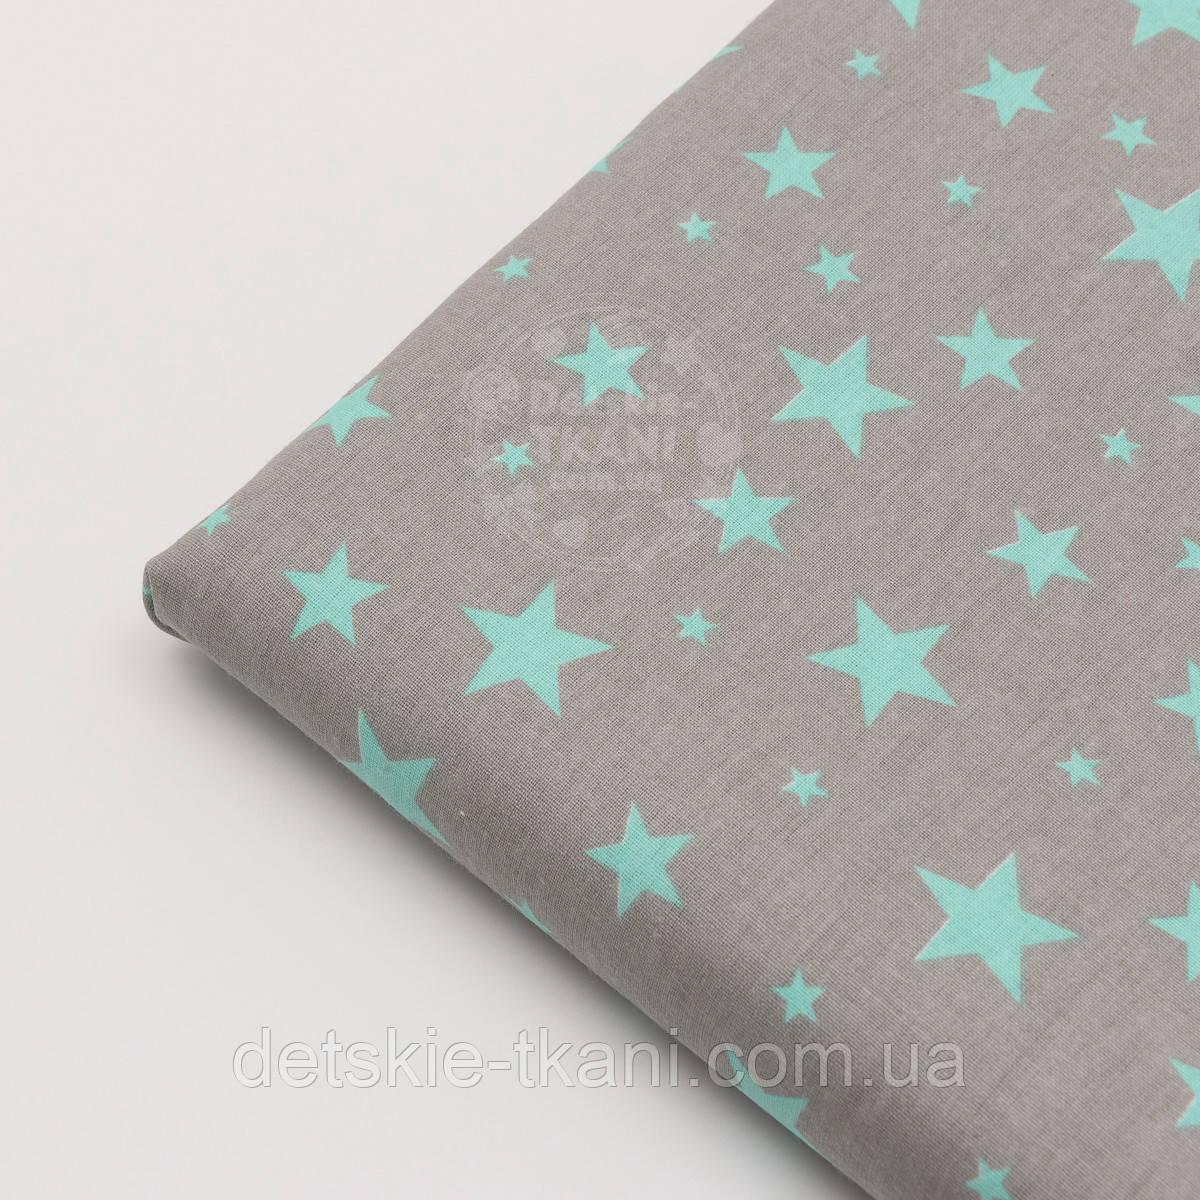 """Отрез ткани №990 """"Звёздная россыпь"""" с мятными звёздочками на сером фоне"""